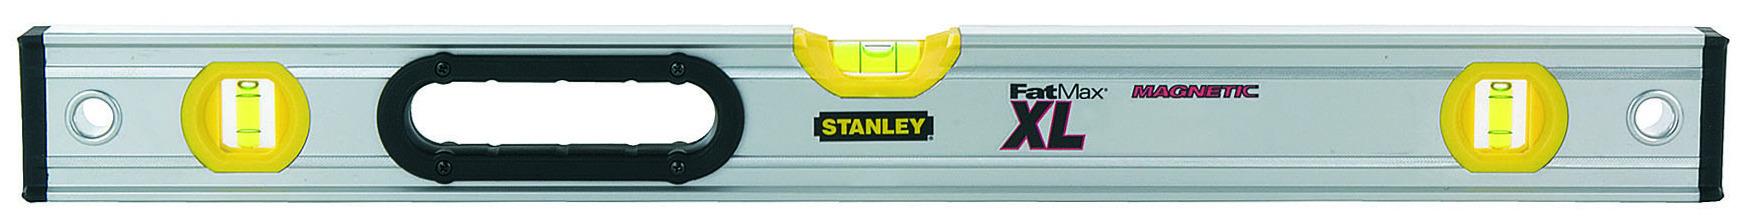 STANLEY VATER XL MAGN 600MM 0-43-625